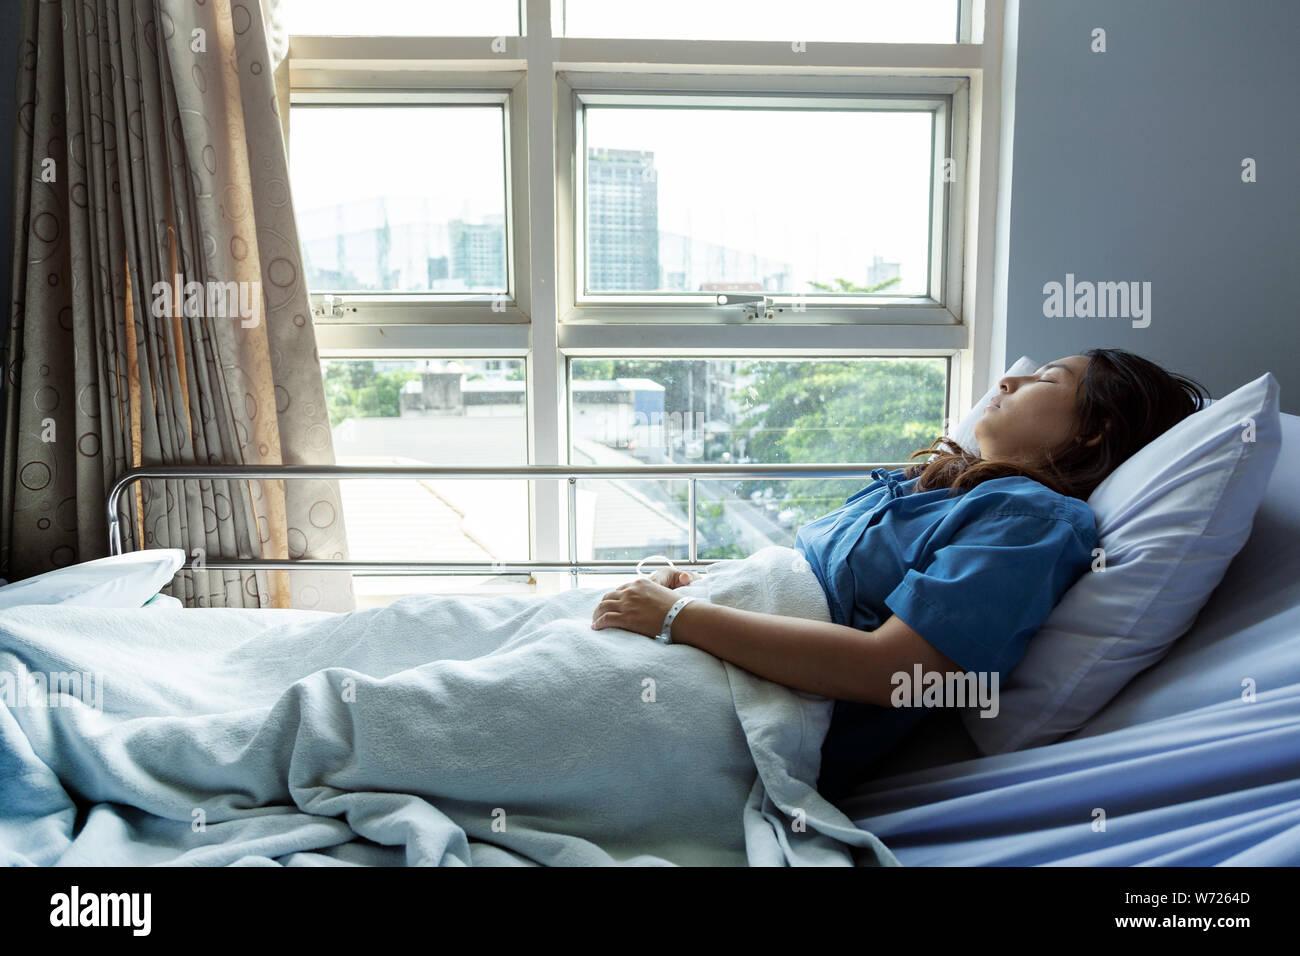 Paciente durmiendo en el hospital para buscar oportunidades y mejores condiciones de vida, los pacientes se alegra recuperado de la enfermedad. Foto de stock